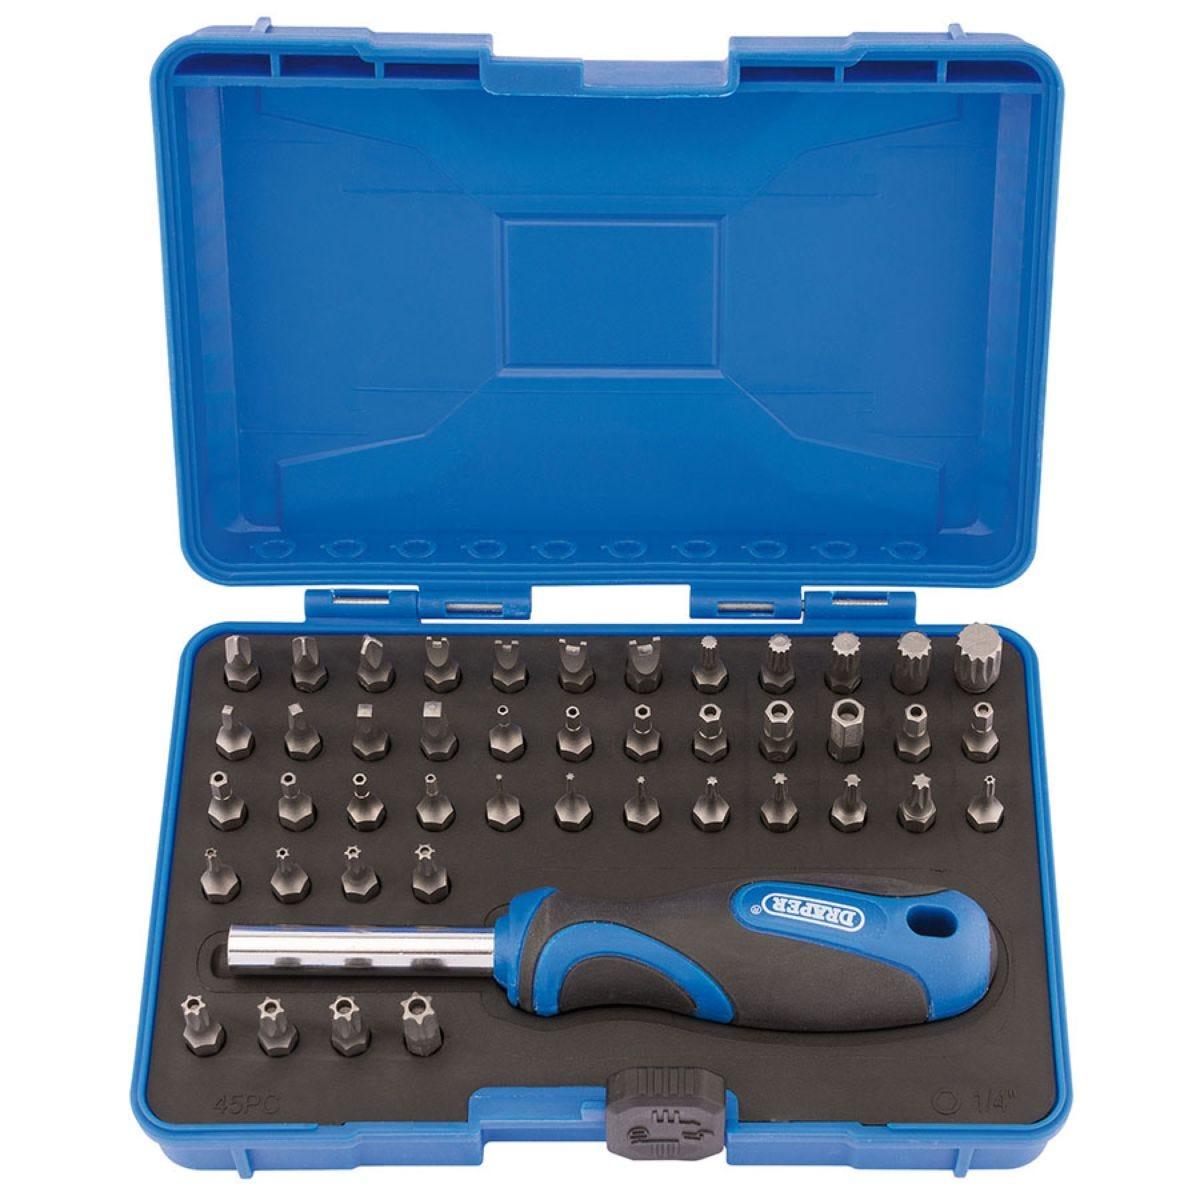 Draper 45-Piece Security Screwdriver Set